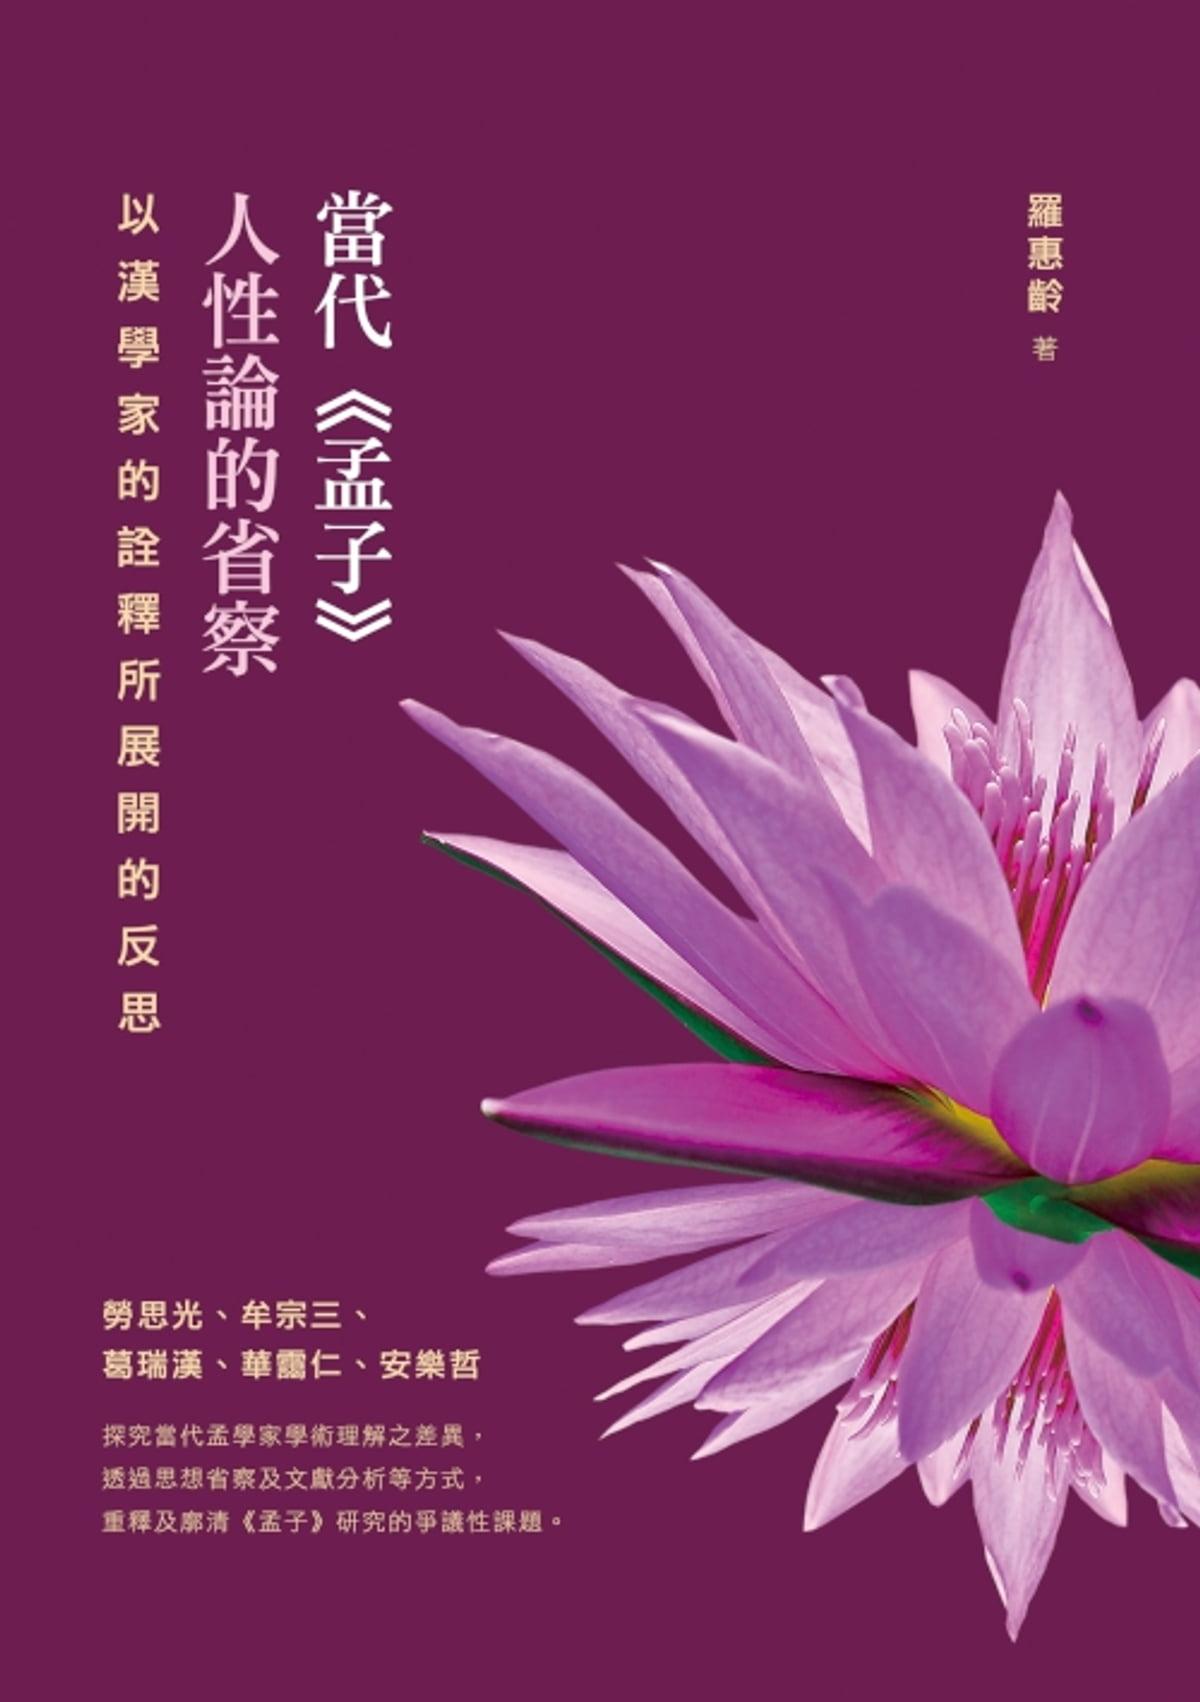 當代《孟子》人性論的省察──以漢學家的詮釋所展開的反思 電子書,他的理據是甚麼? | 中國文化研究院 - 燦爛的中國文明